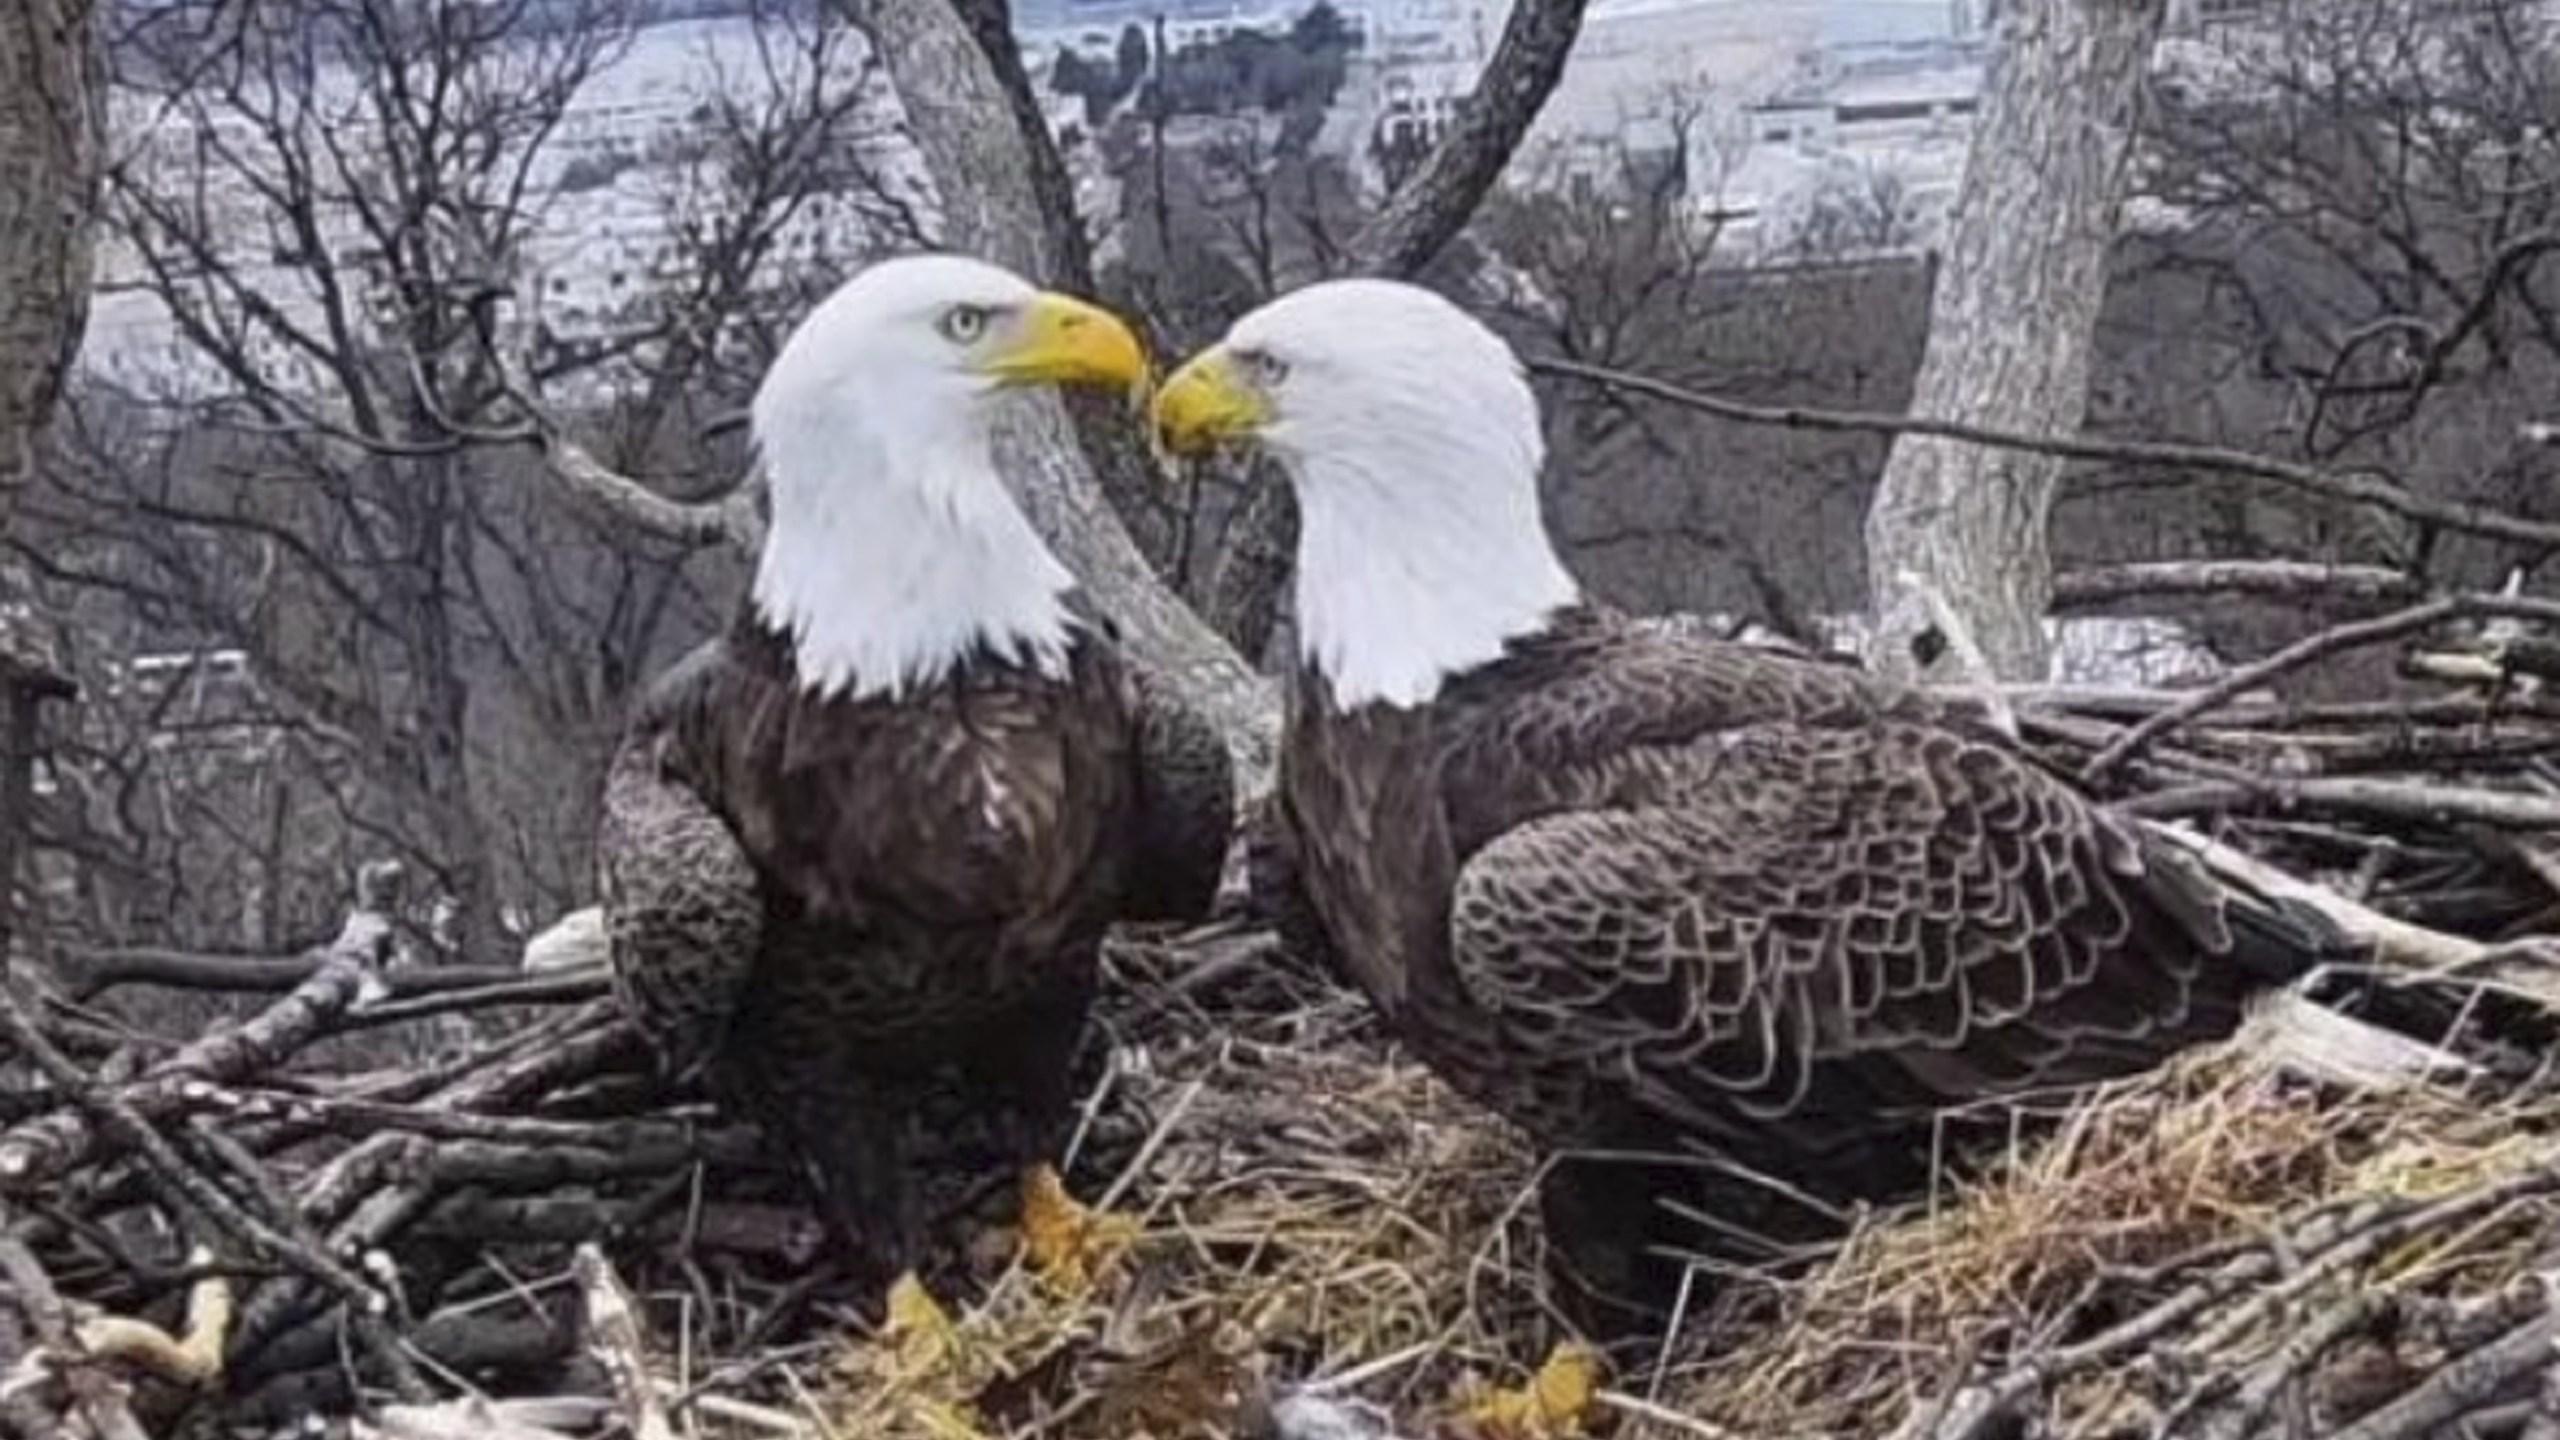 Eagles in love